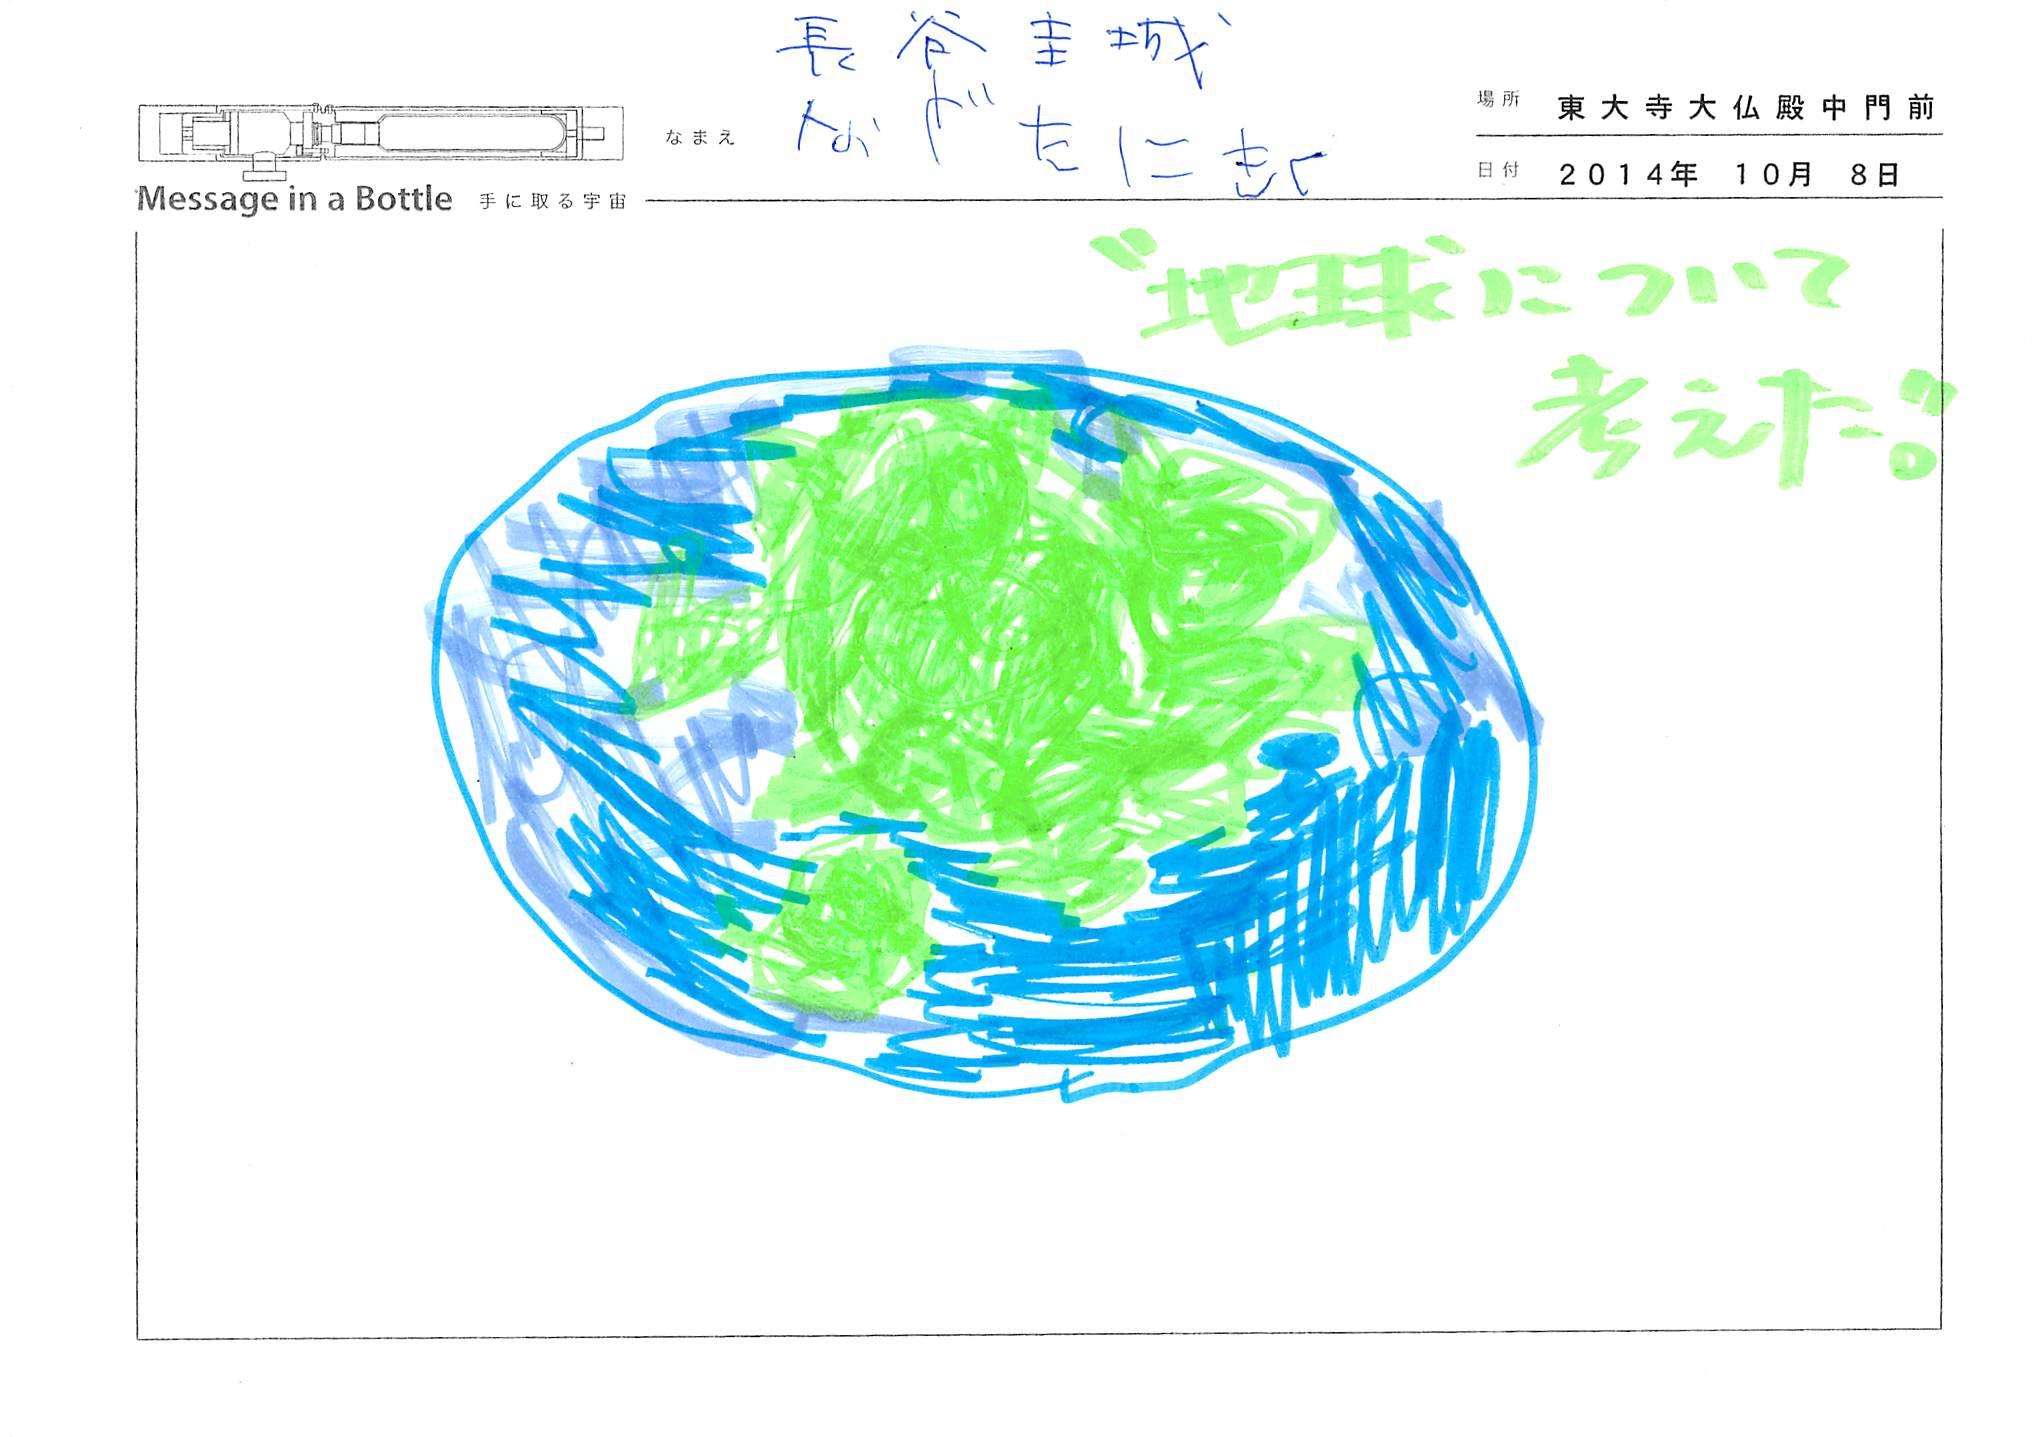 2014-10-08-19-50-32.jpg